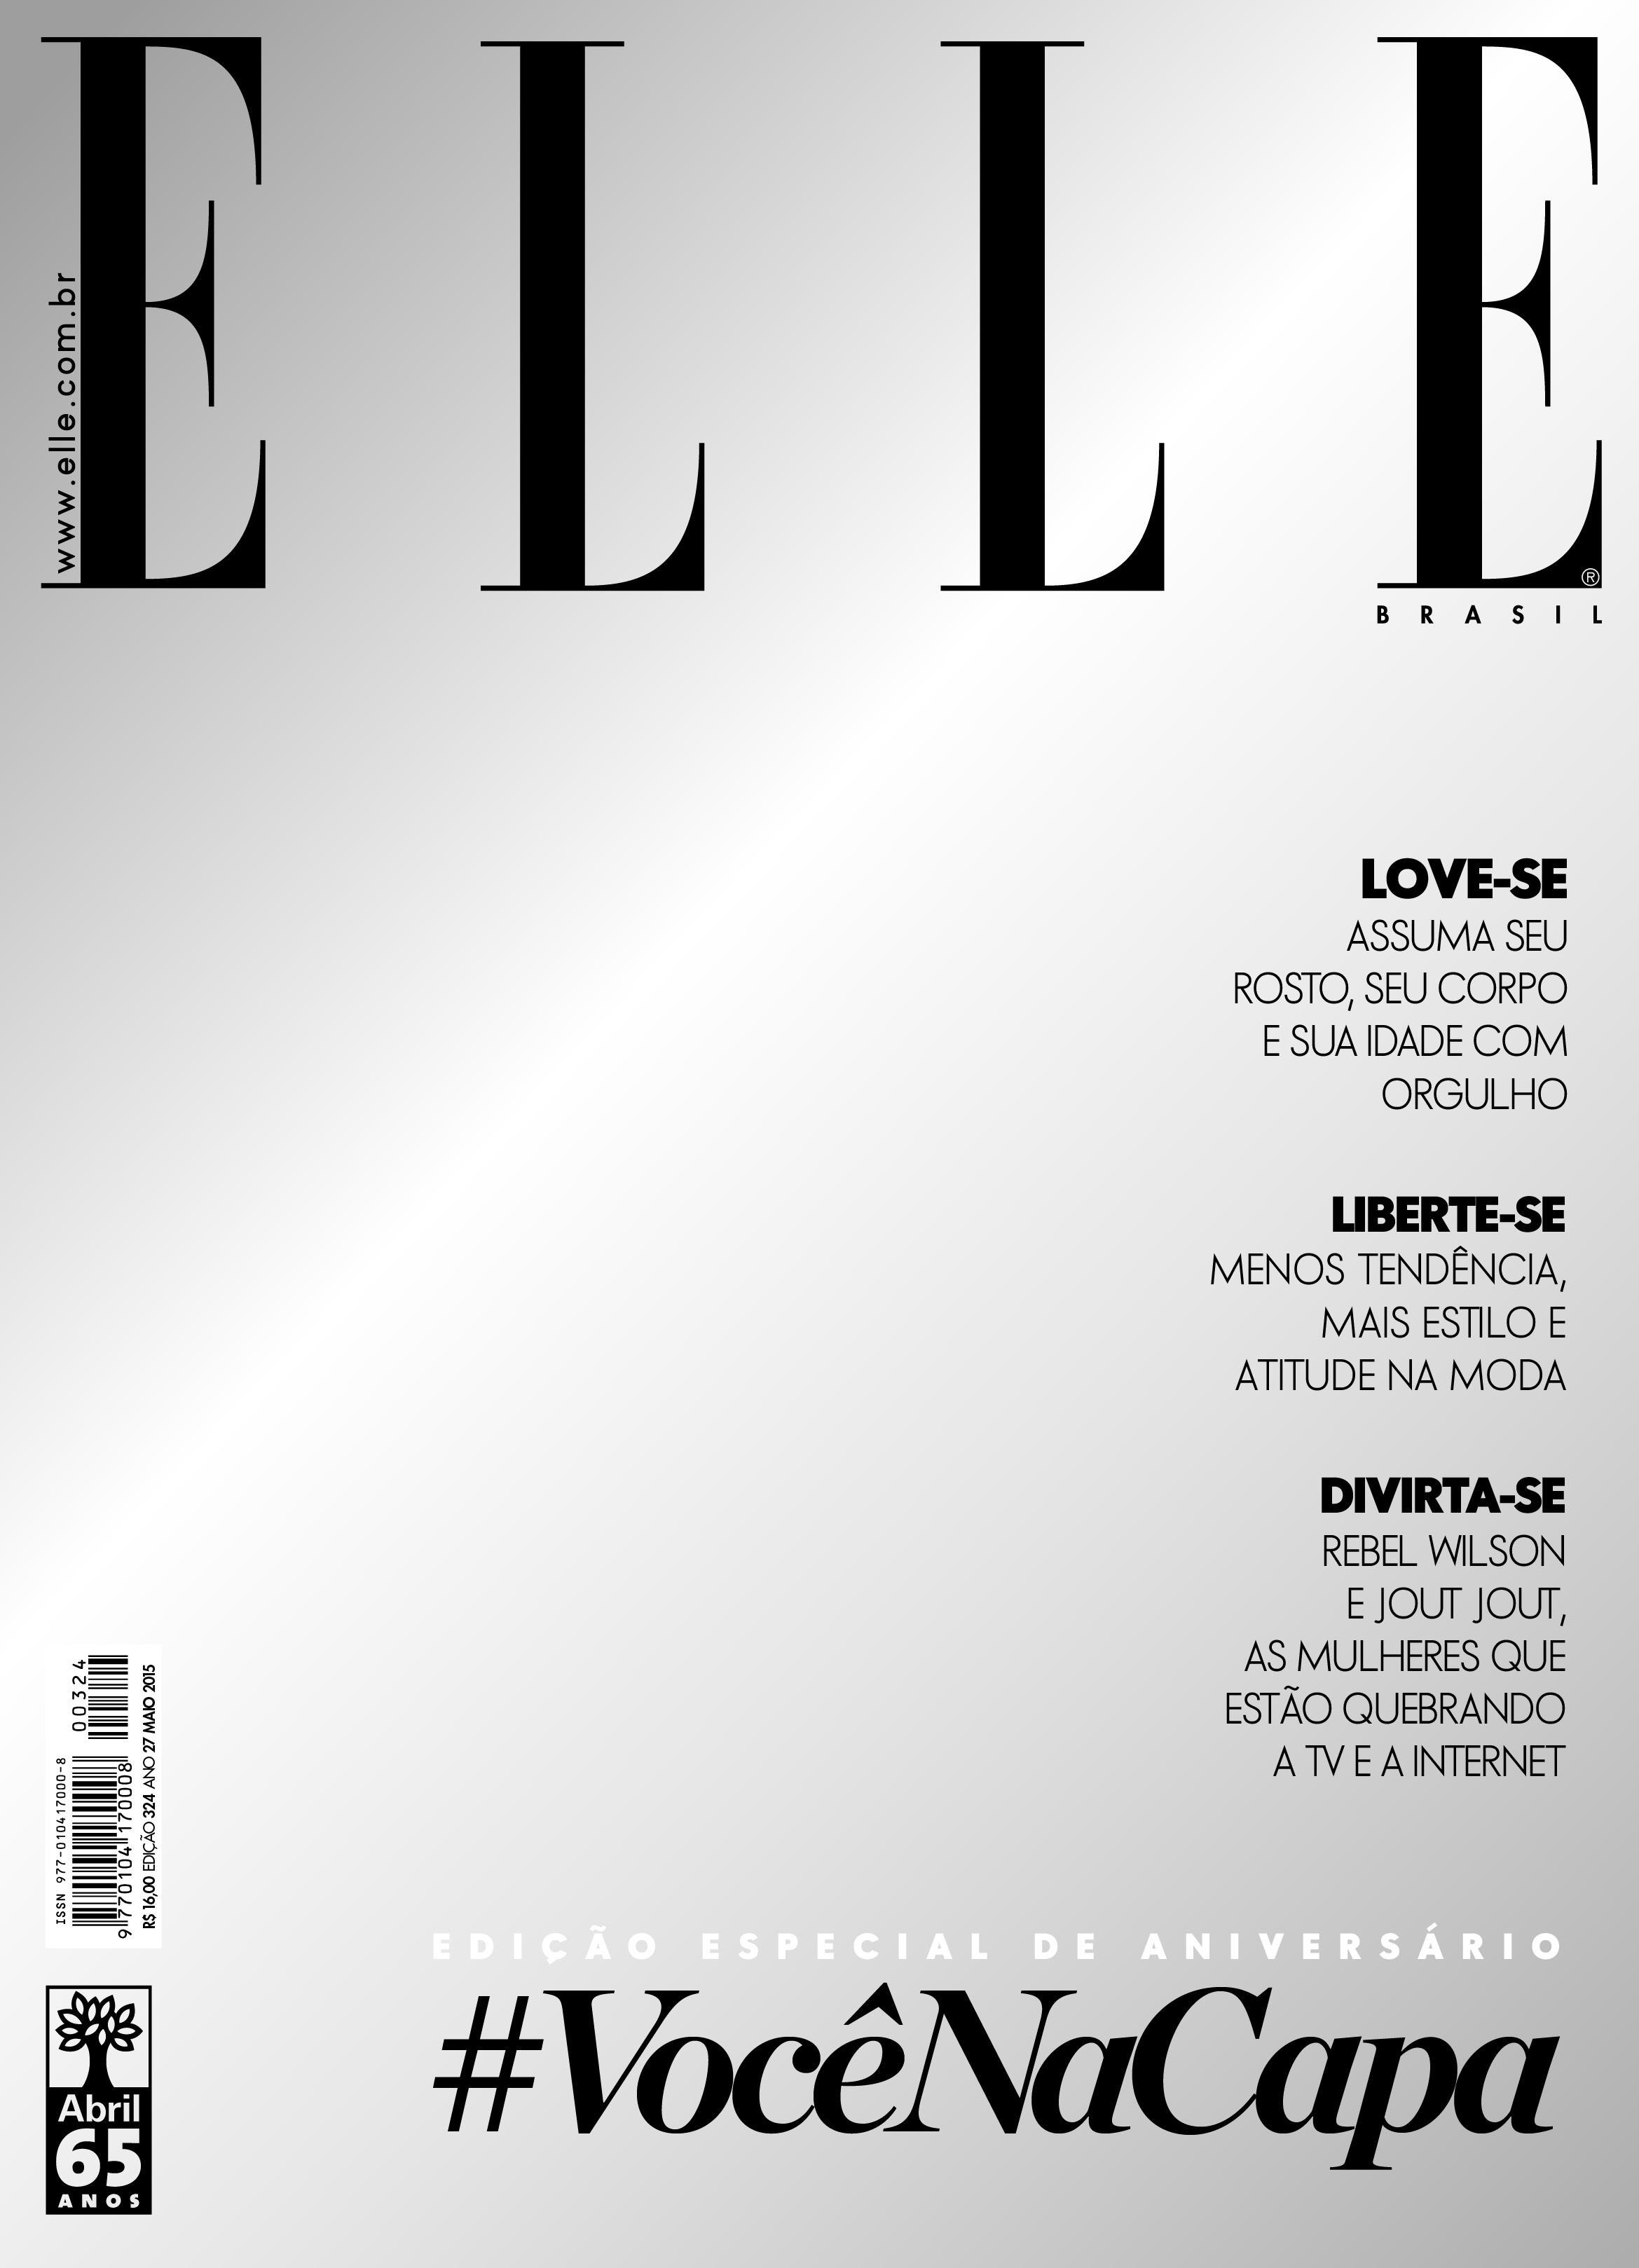 """Edição de aniversário da """"Elle"""" Brasil traz capa espelhada ©Divulgação"""